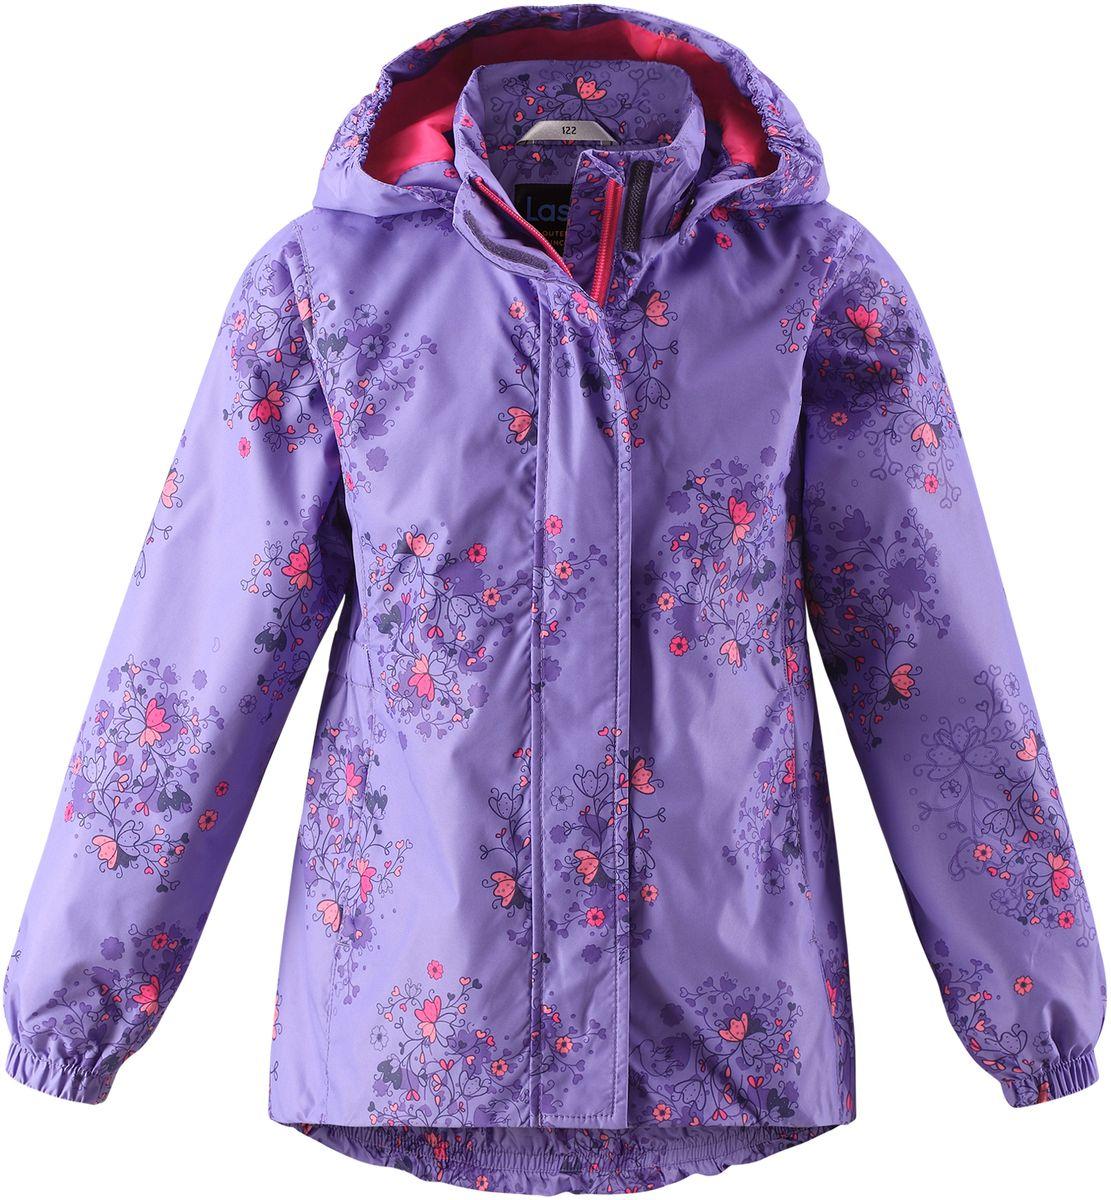 Куртка721704R4861Стильная демисезонная куртка для девочек изготовлена из водоотталкивающего, ветронепроницаемого и дышащего материала. Гладкая и приятная на ощупь подкладка из полиэстера на легком утеплителе согревает и облегчает процесс одевания. Удлиненная модель для девочек с эластичной талией, подолом и манжетами. Практичные детали просто незаменимы: безопасный съемный капюшон, карманы, вшитые в боковые швы, и светоотражающая эмблема сзади.